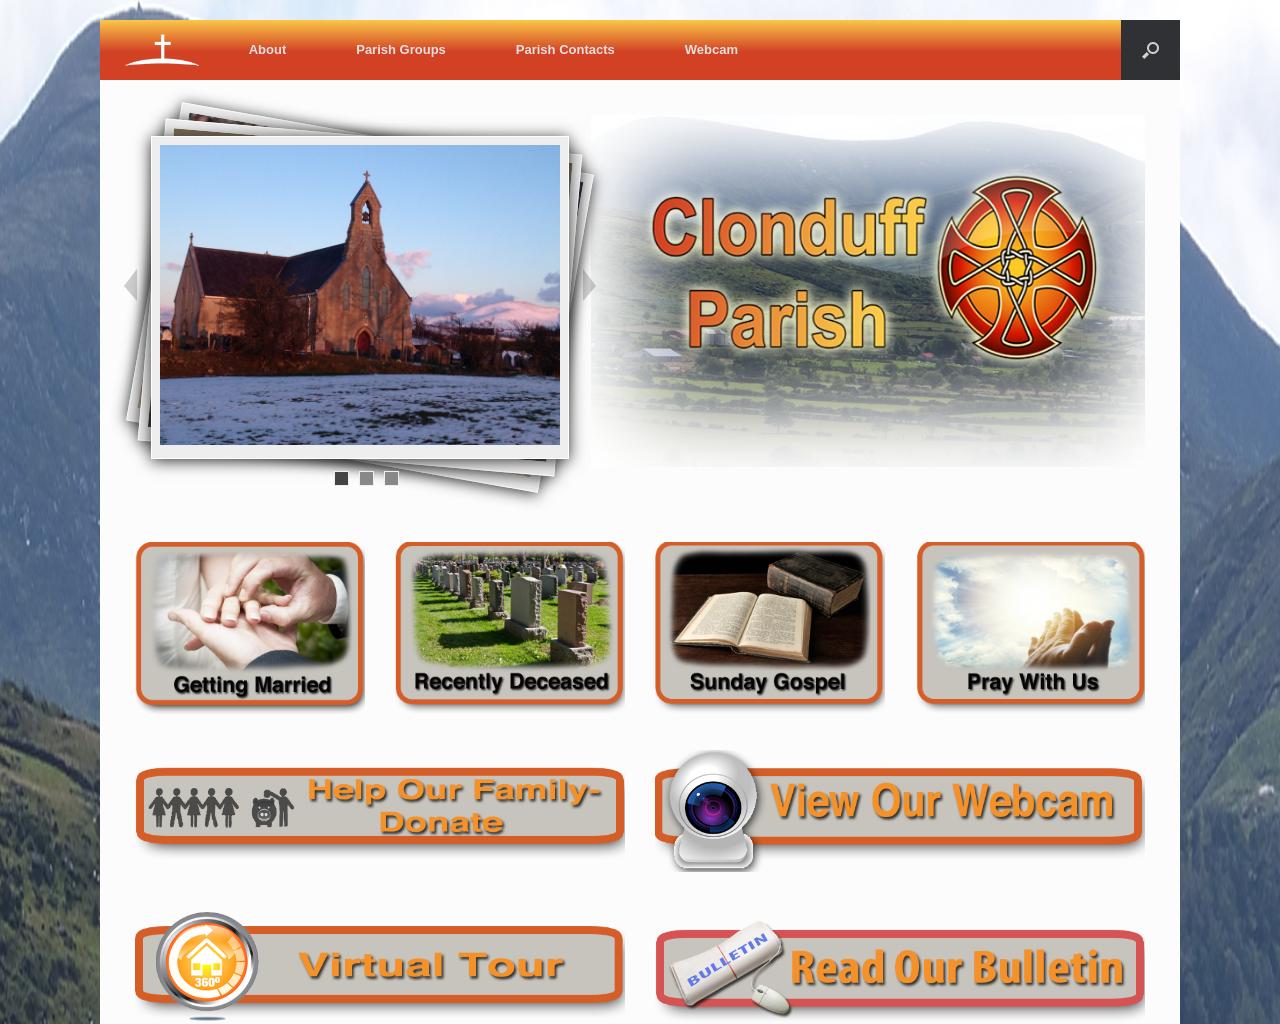 Clonduff Parish